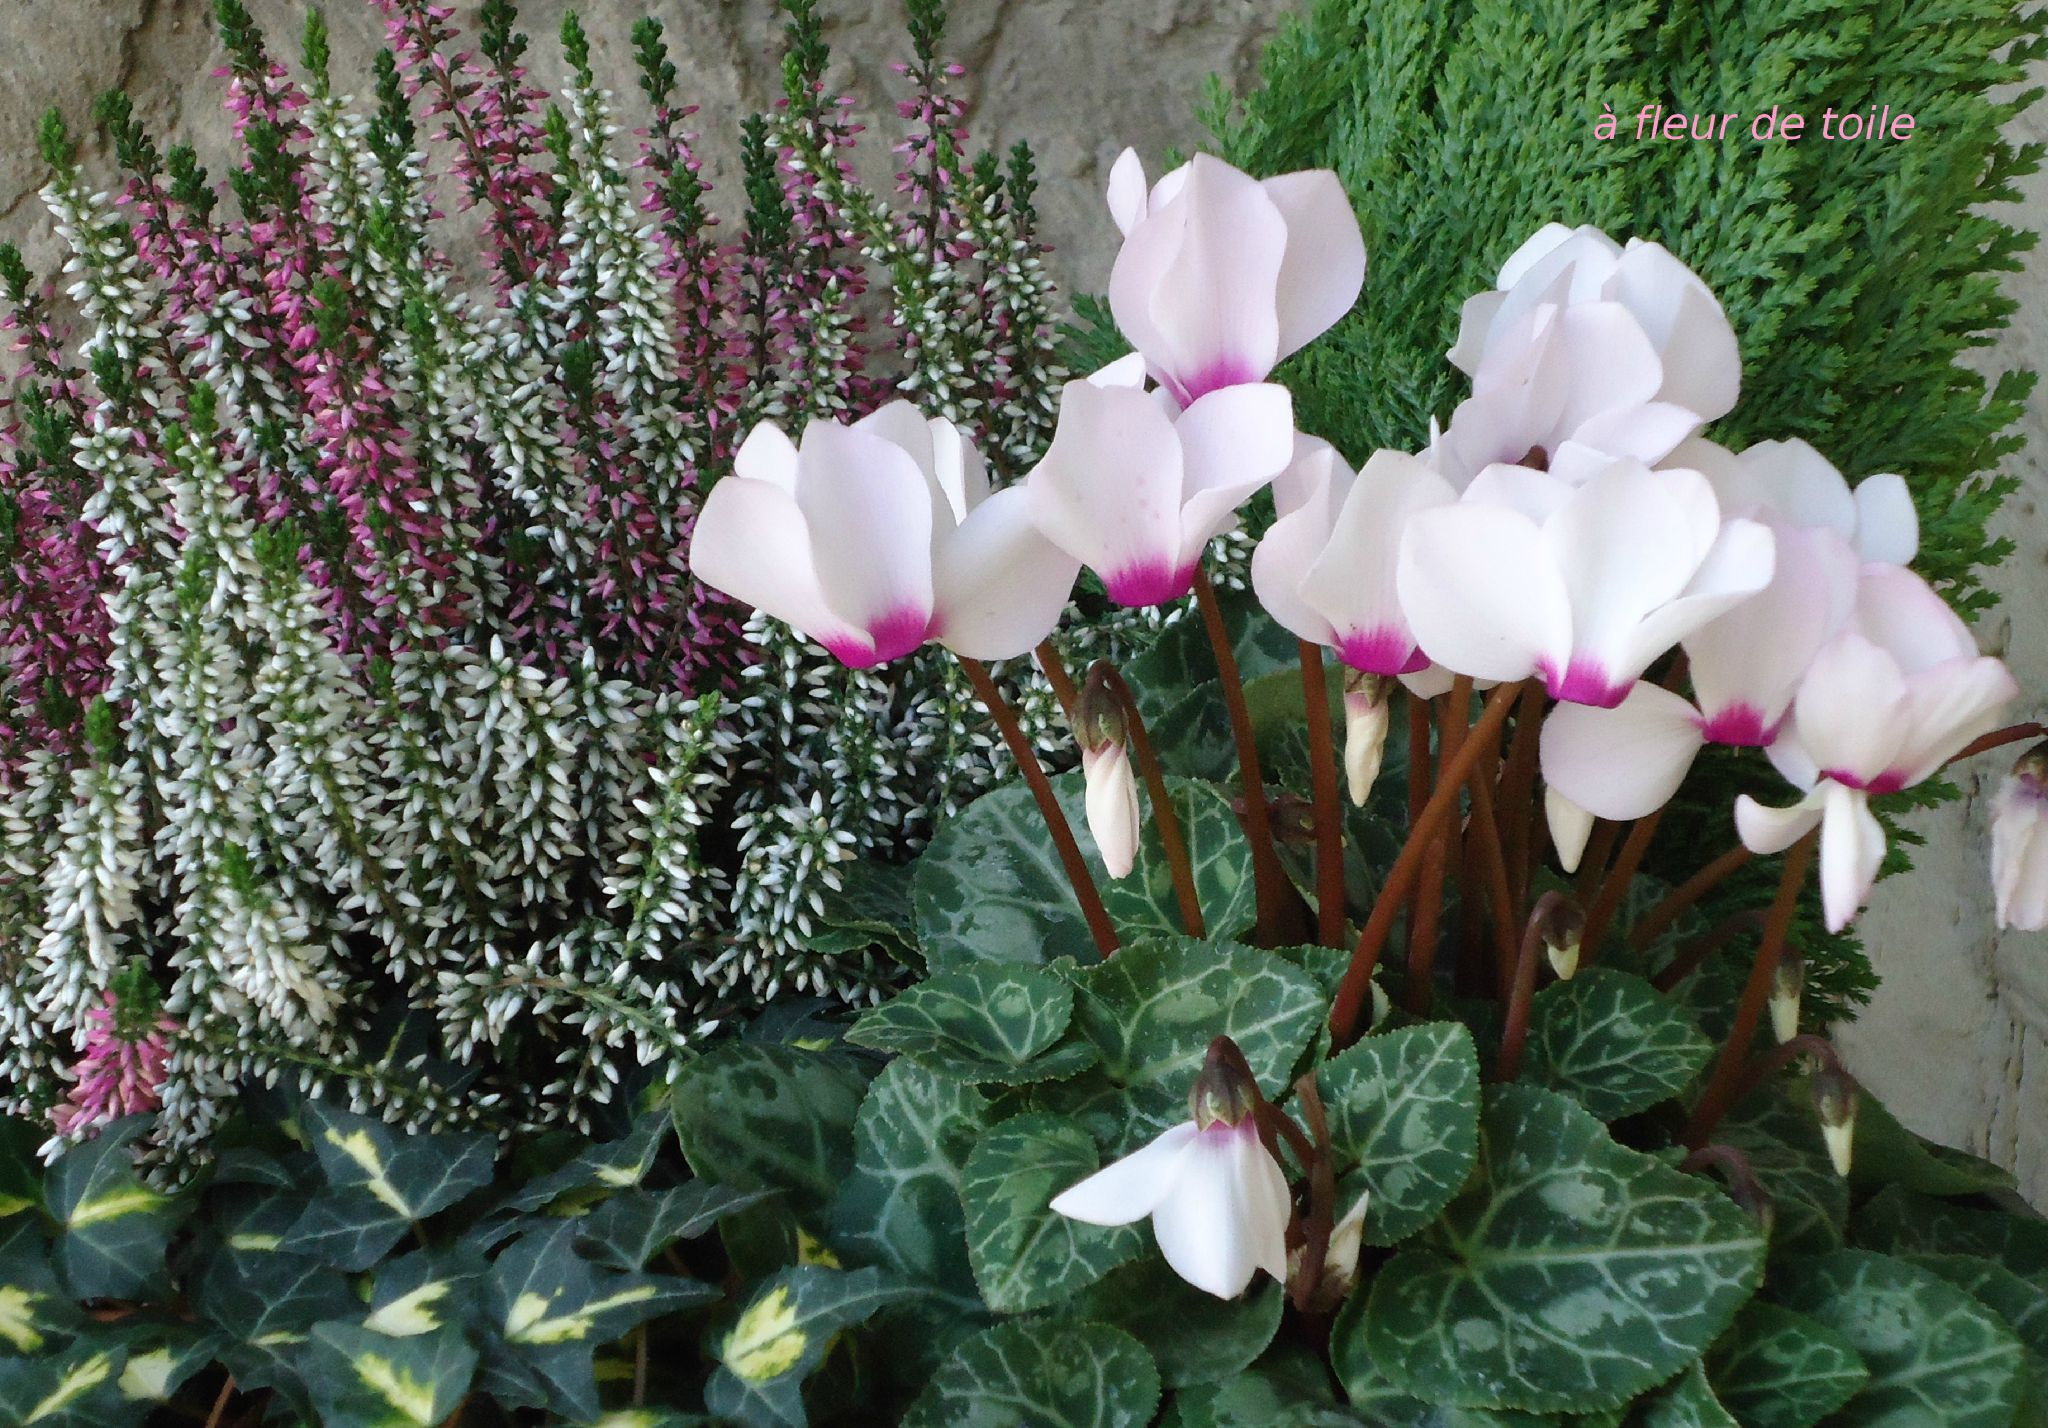 bonjour avec ces roses fleurs amiti je viens vous souhaiter un bon samedi et bons. Black Bedroom Furniture Sets. Home Design Ideas